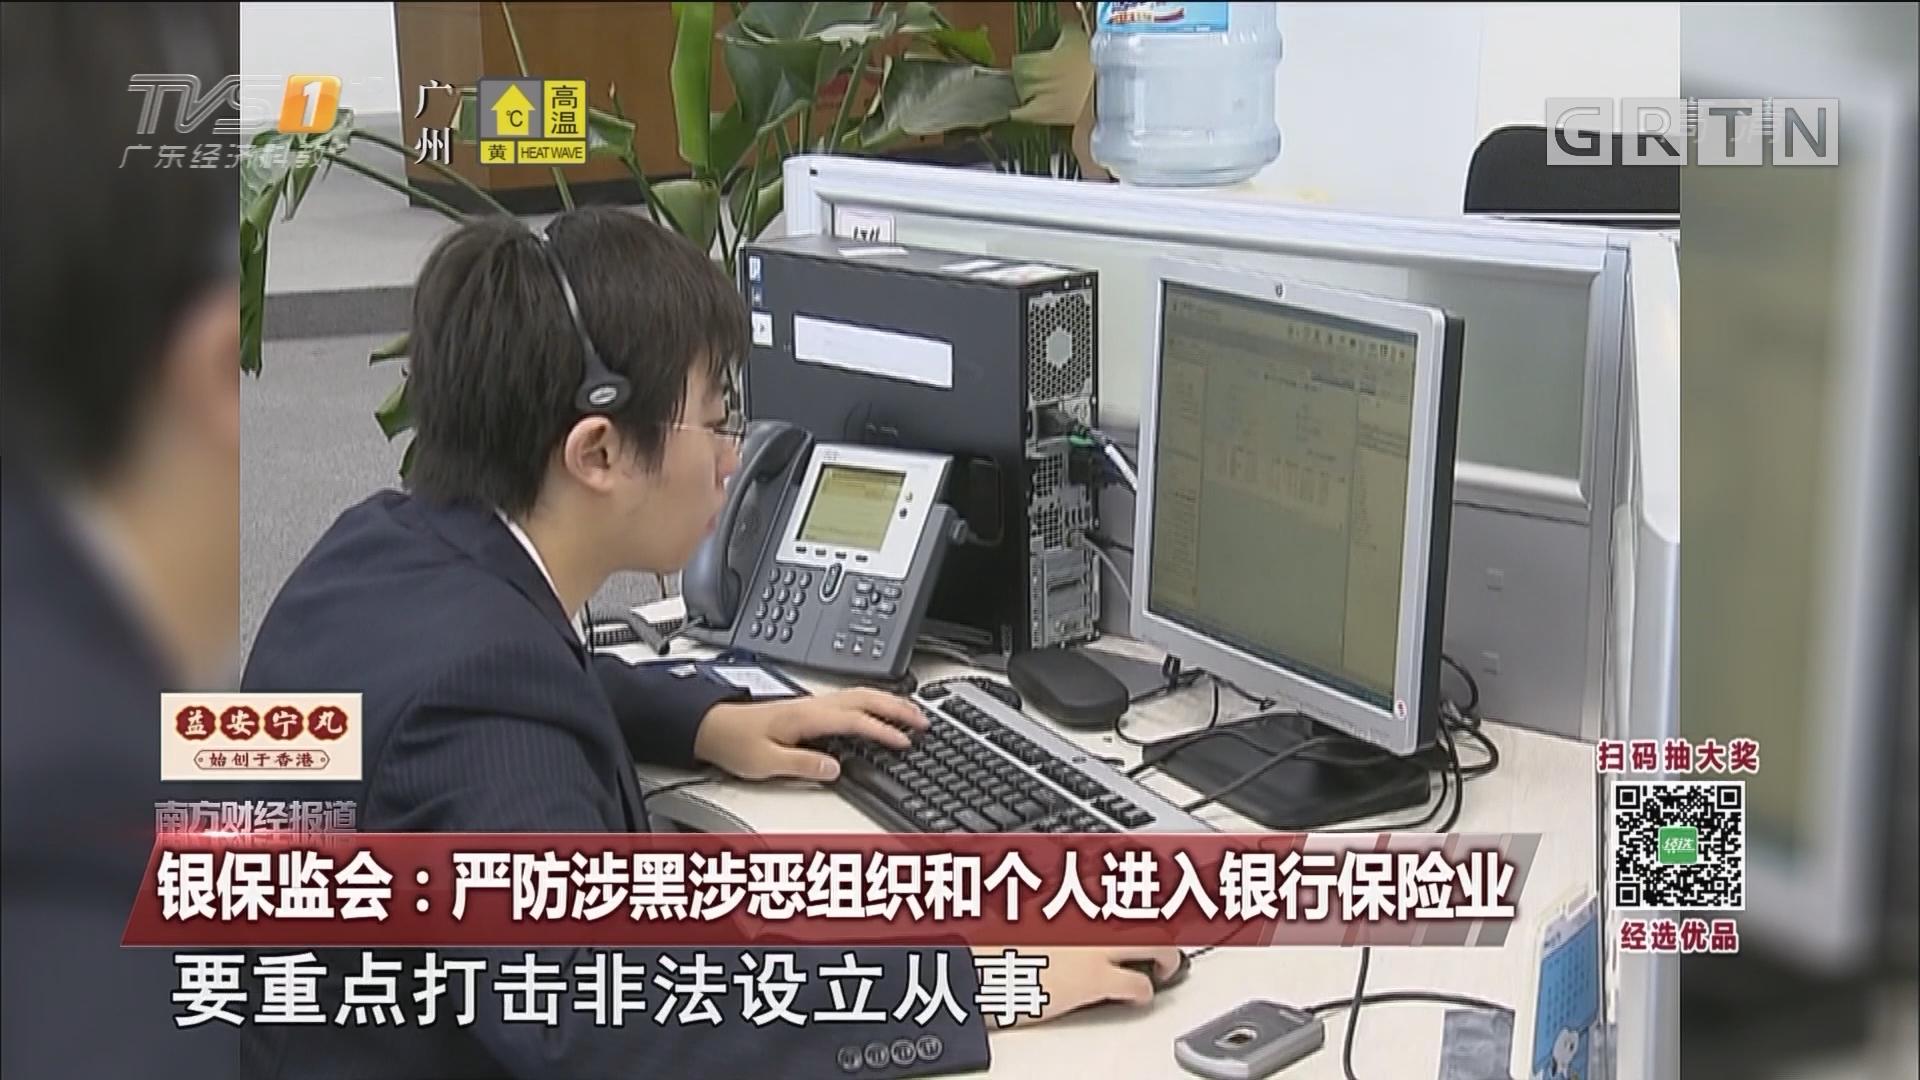 银保监会:严防涉黑涉恶组织和个人进入银行保险业